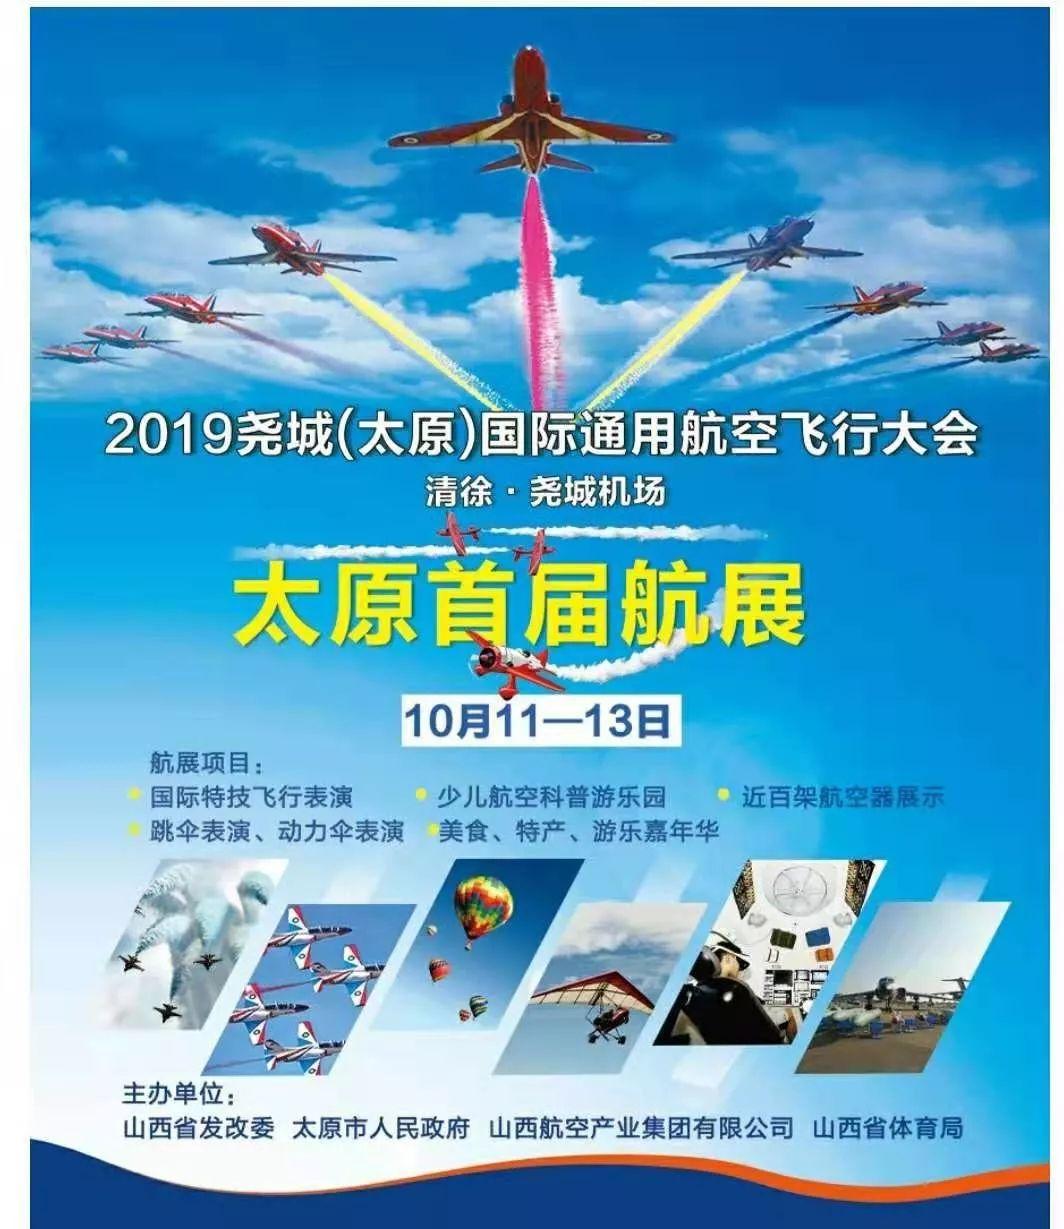 【太原】2019尧城(太原)国际通用航空飞行大会